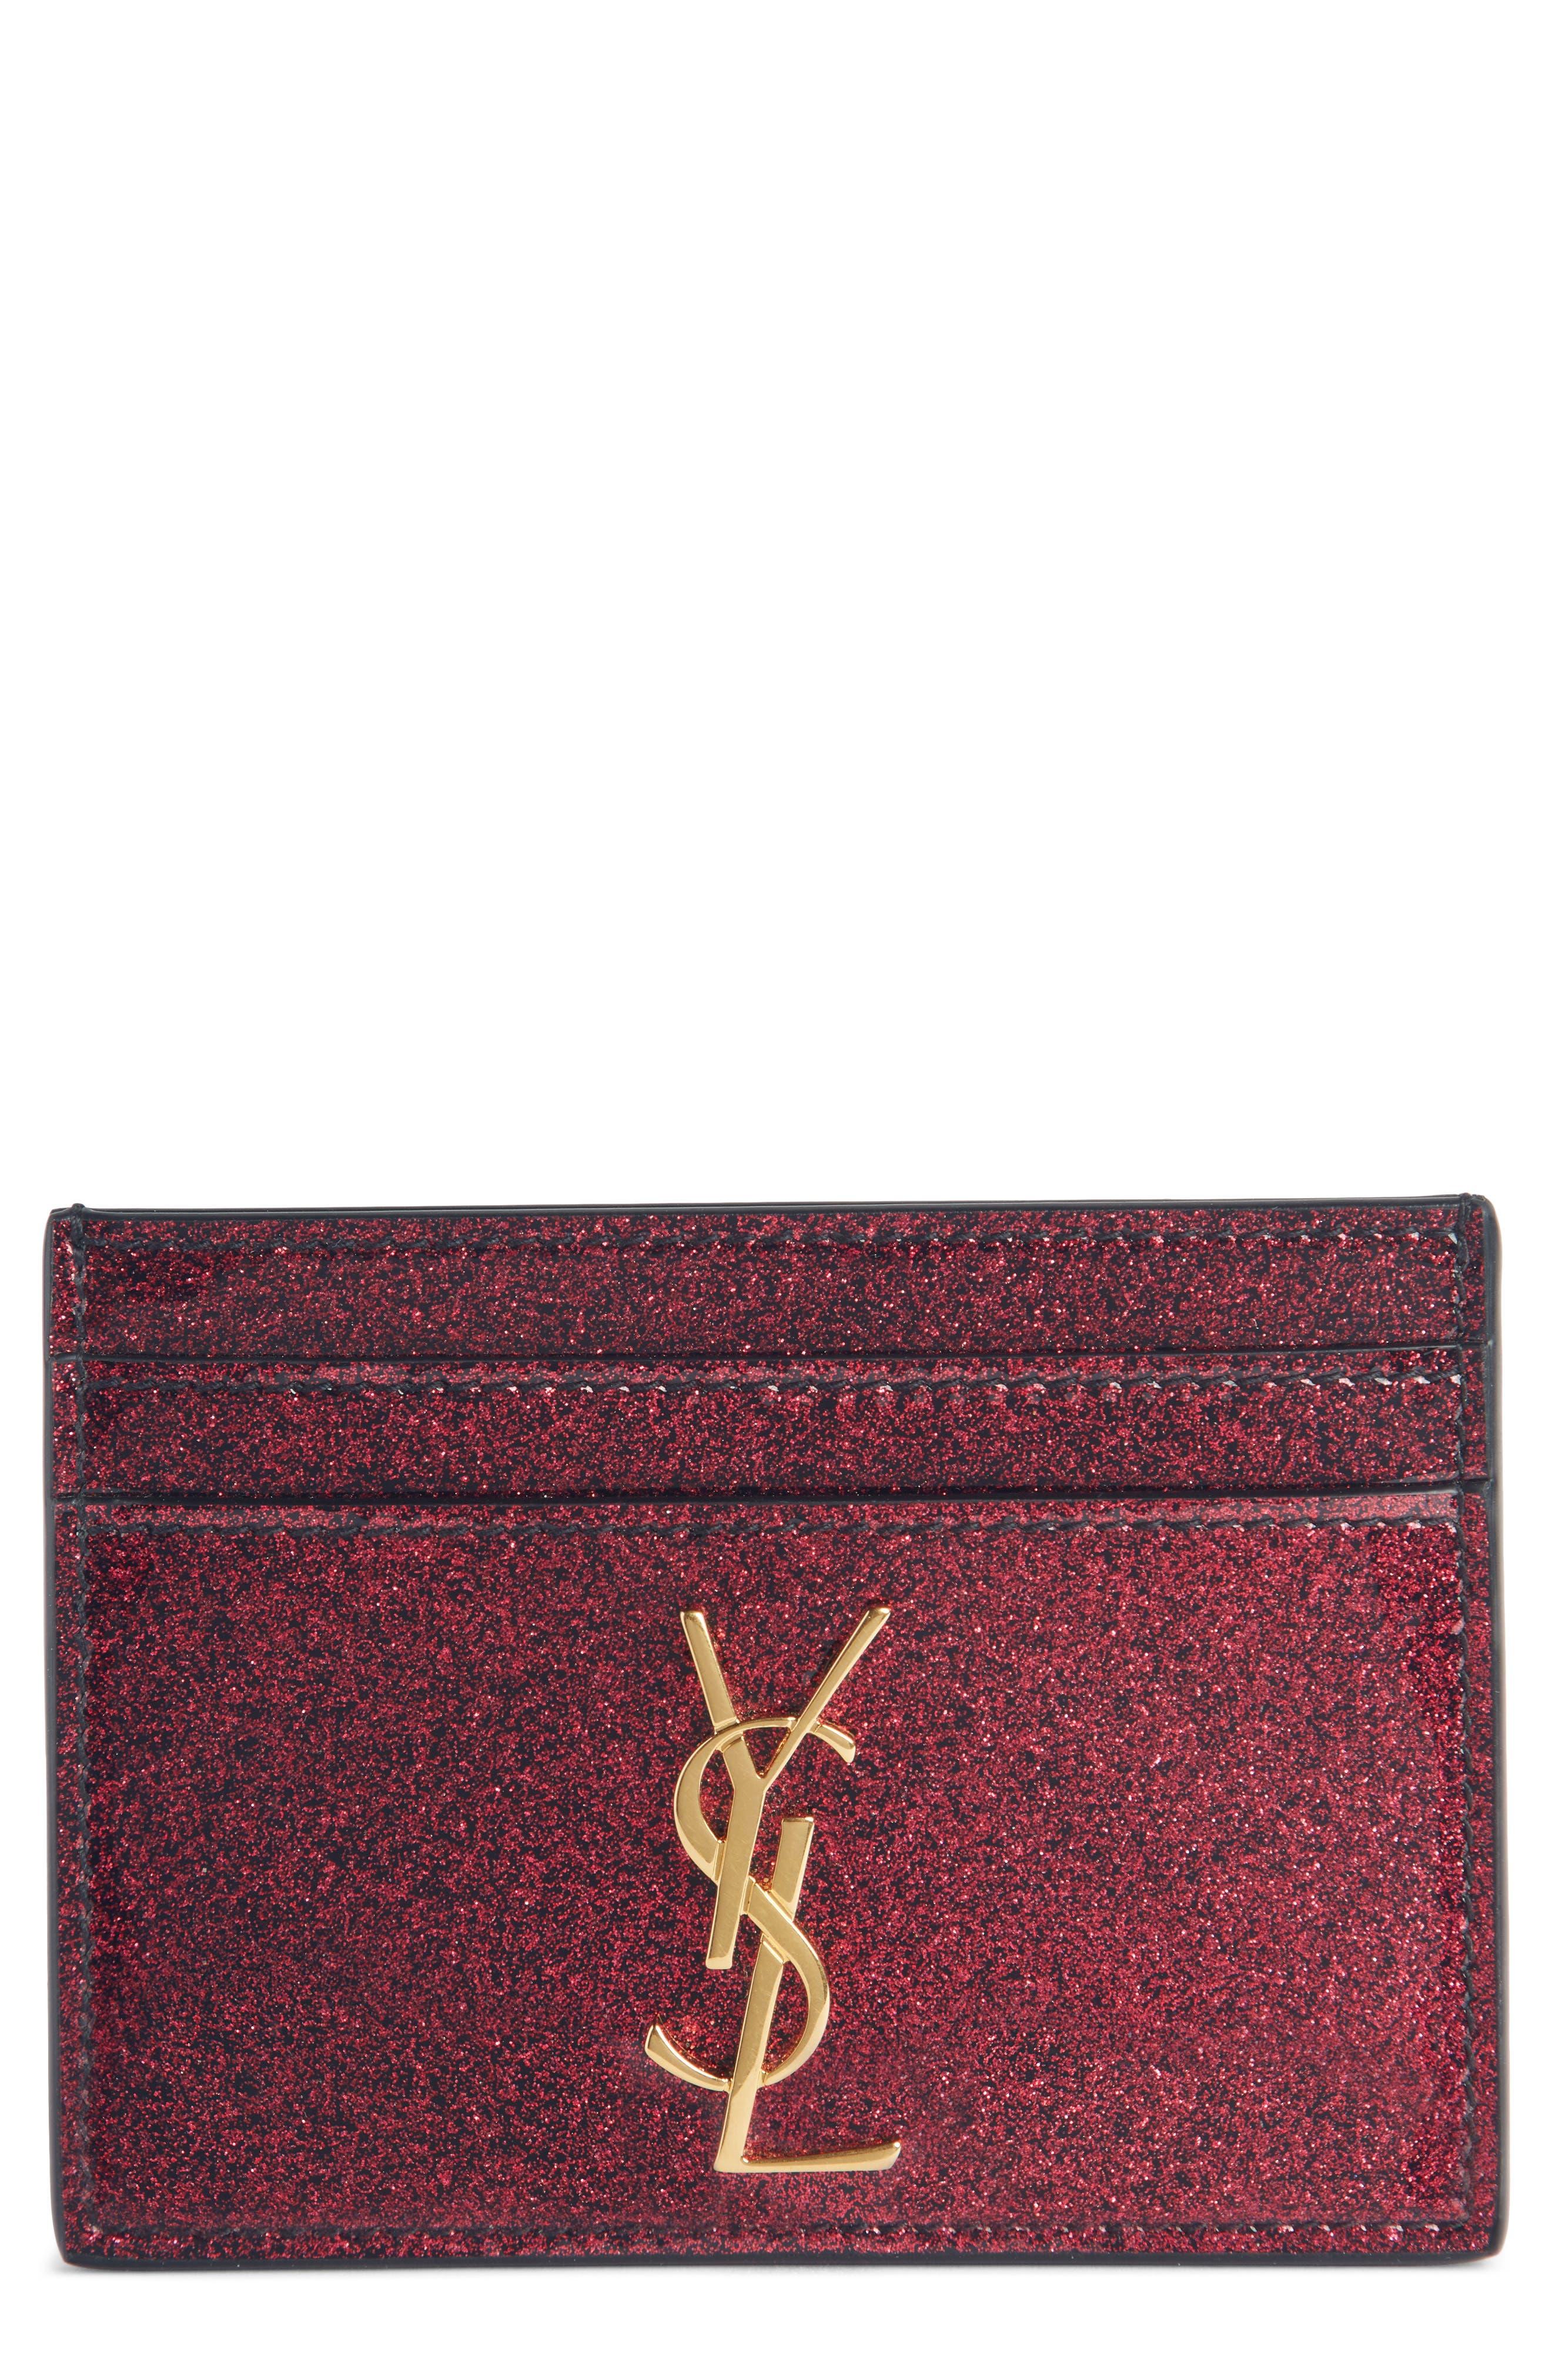 Monogram Vernis Glitter Calfskin Leather Card Case,                         Main,                         color, SHOCKING PINK/ NOIR